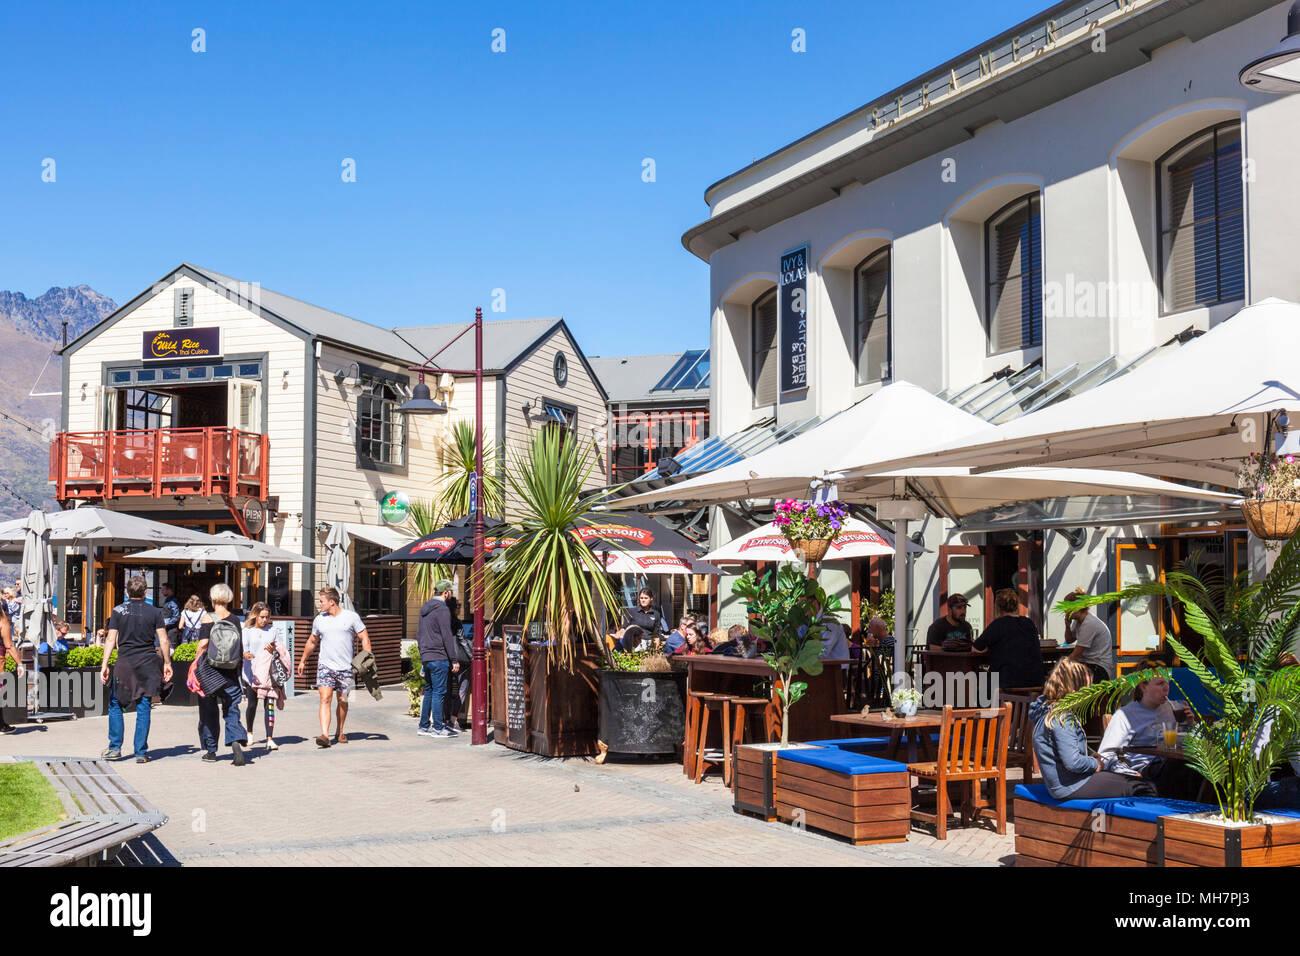 Queenstown ile sud Nouvelle zelande bars Ivy et Lola's pier et restaurant au bord de l'eau près de steamer quay centre-ville de Queenstown Nouvelle Zelande nz Photo Stock